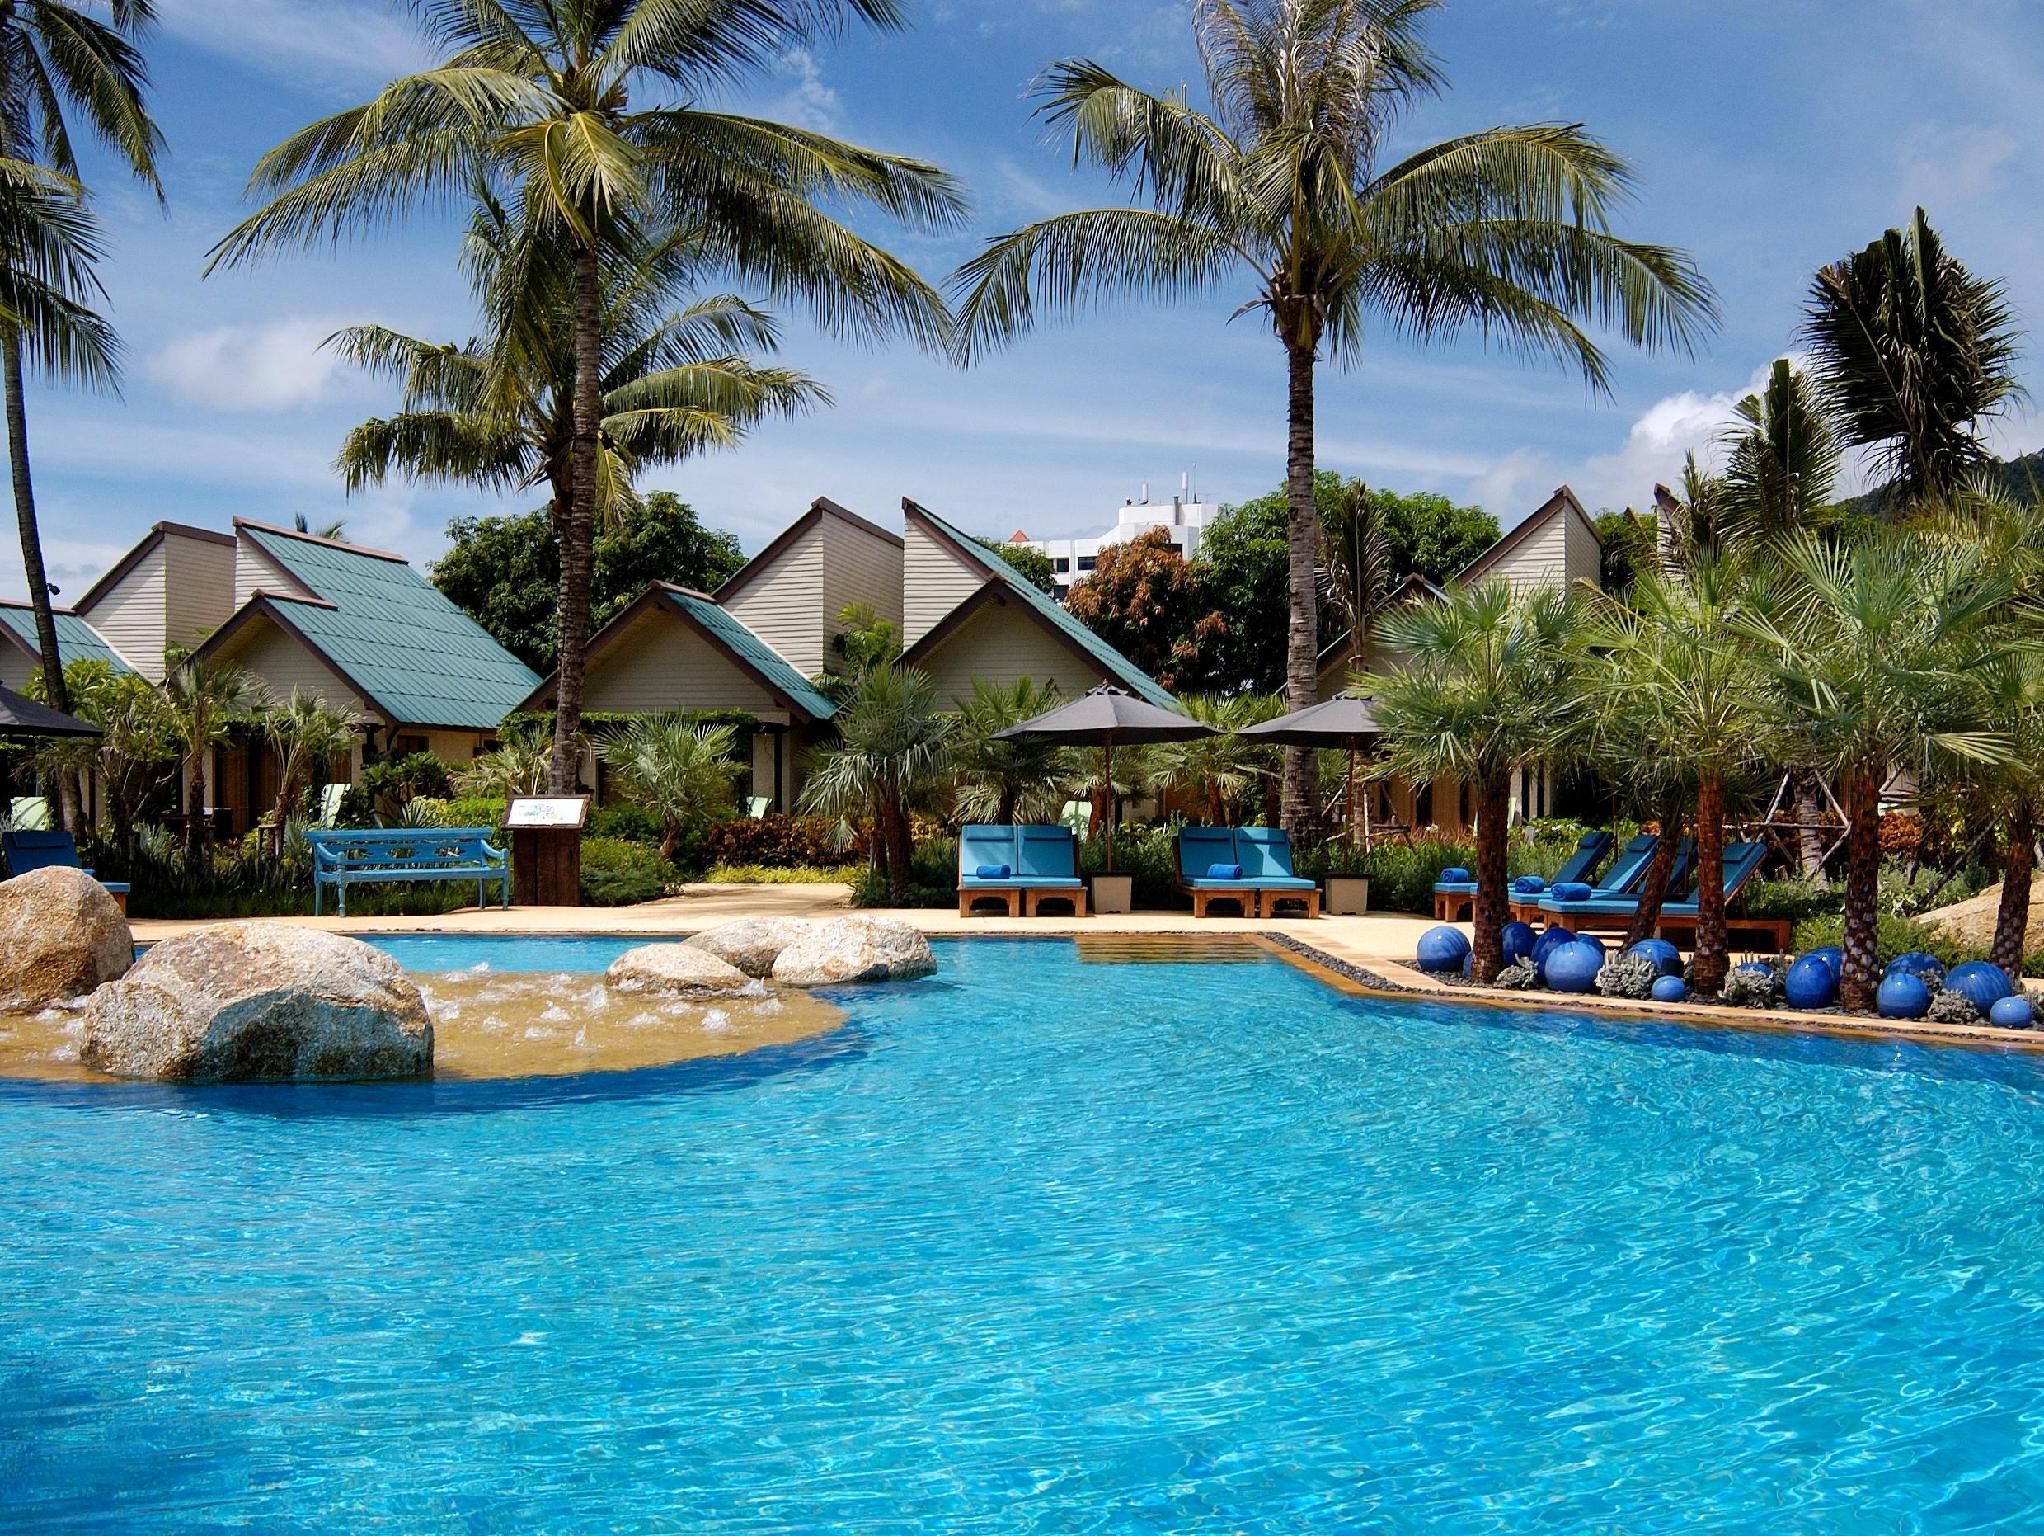 布吉岛卡伦海滩瑞享水疗度假村